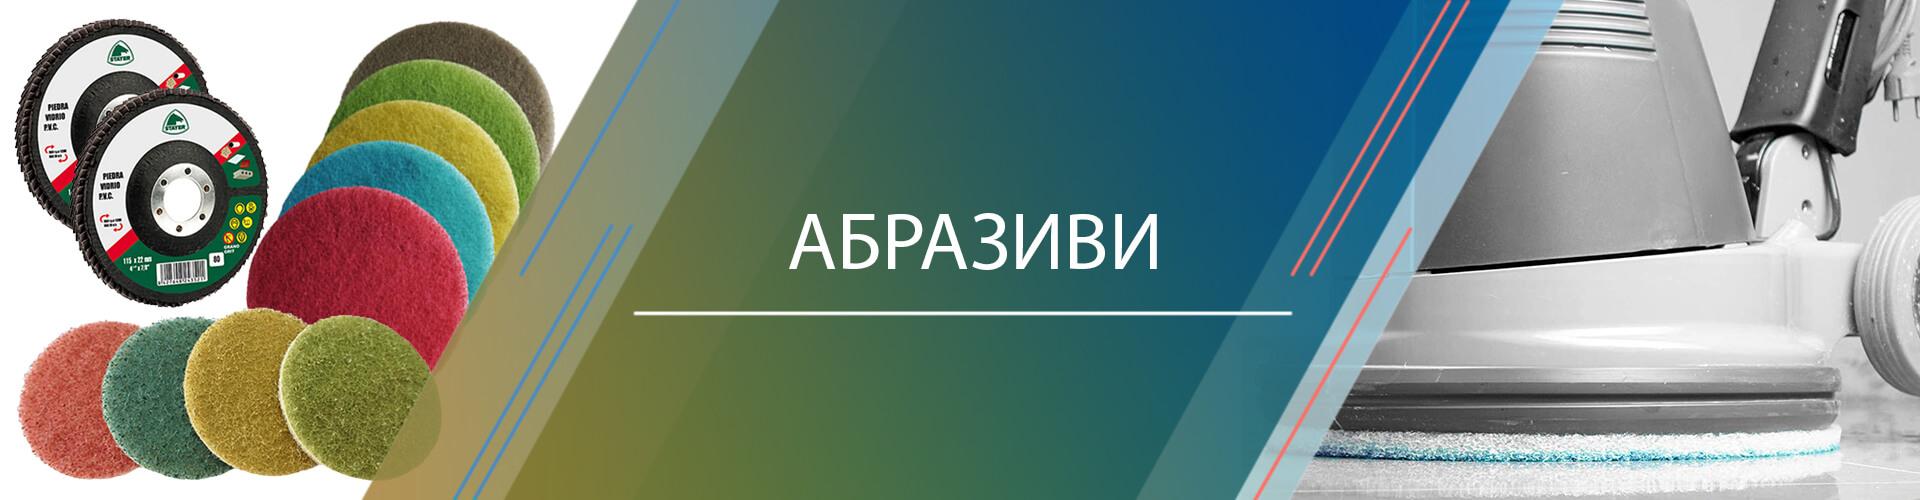 Абразиви